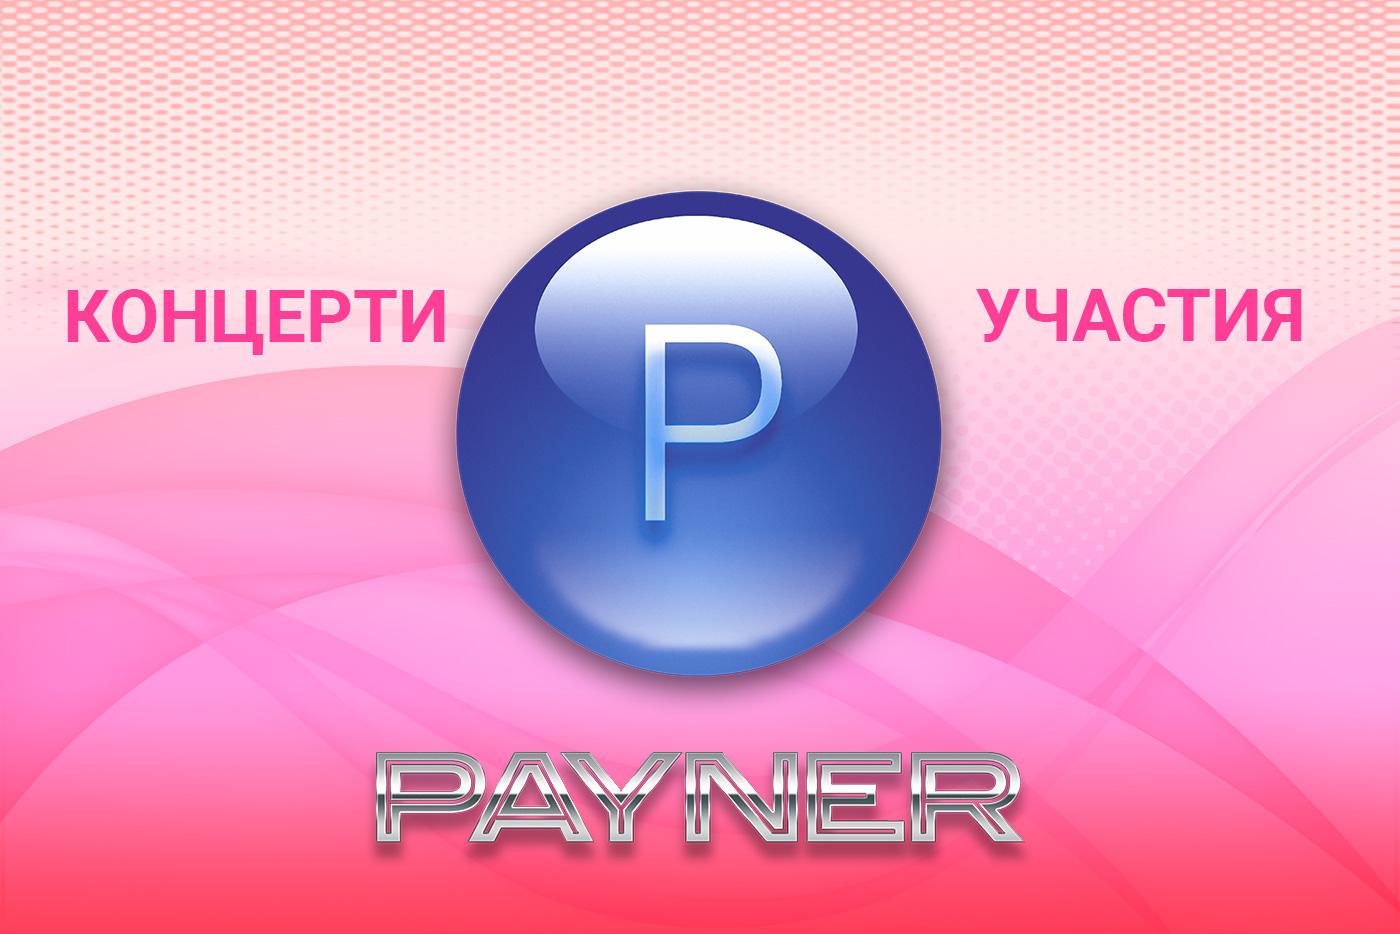 """Участия на звездите на """"Пайнер"""" на 25.02.2020"""